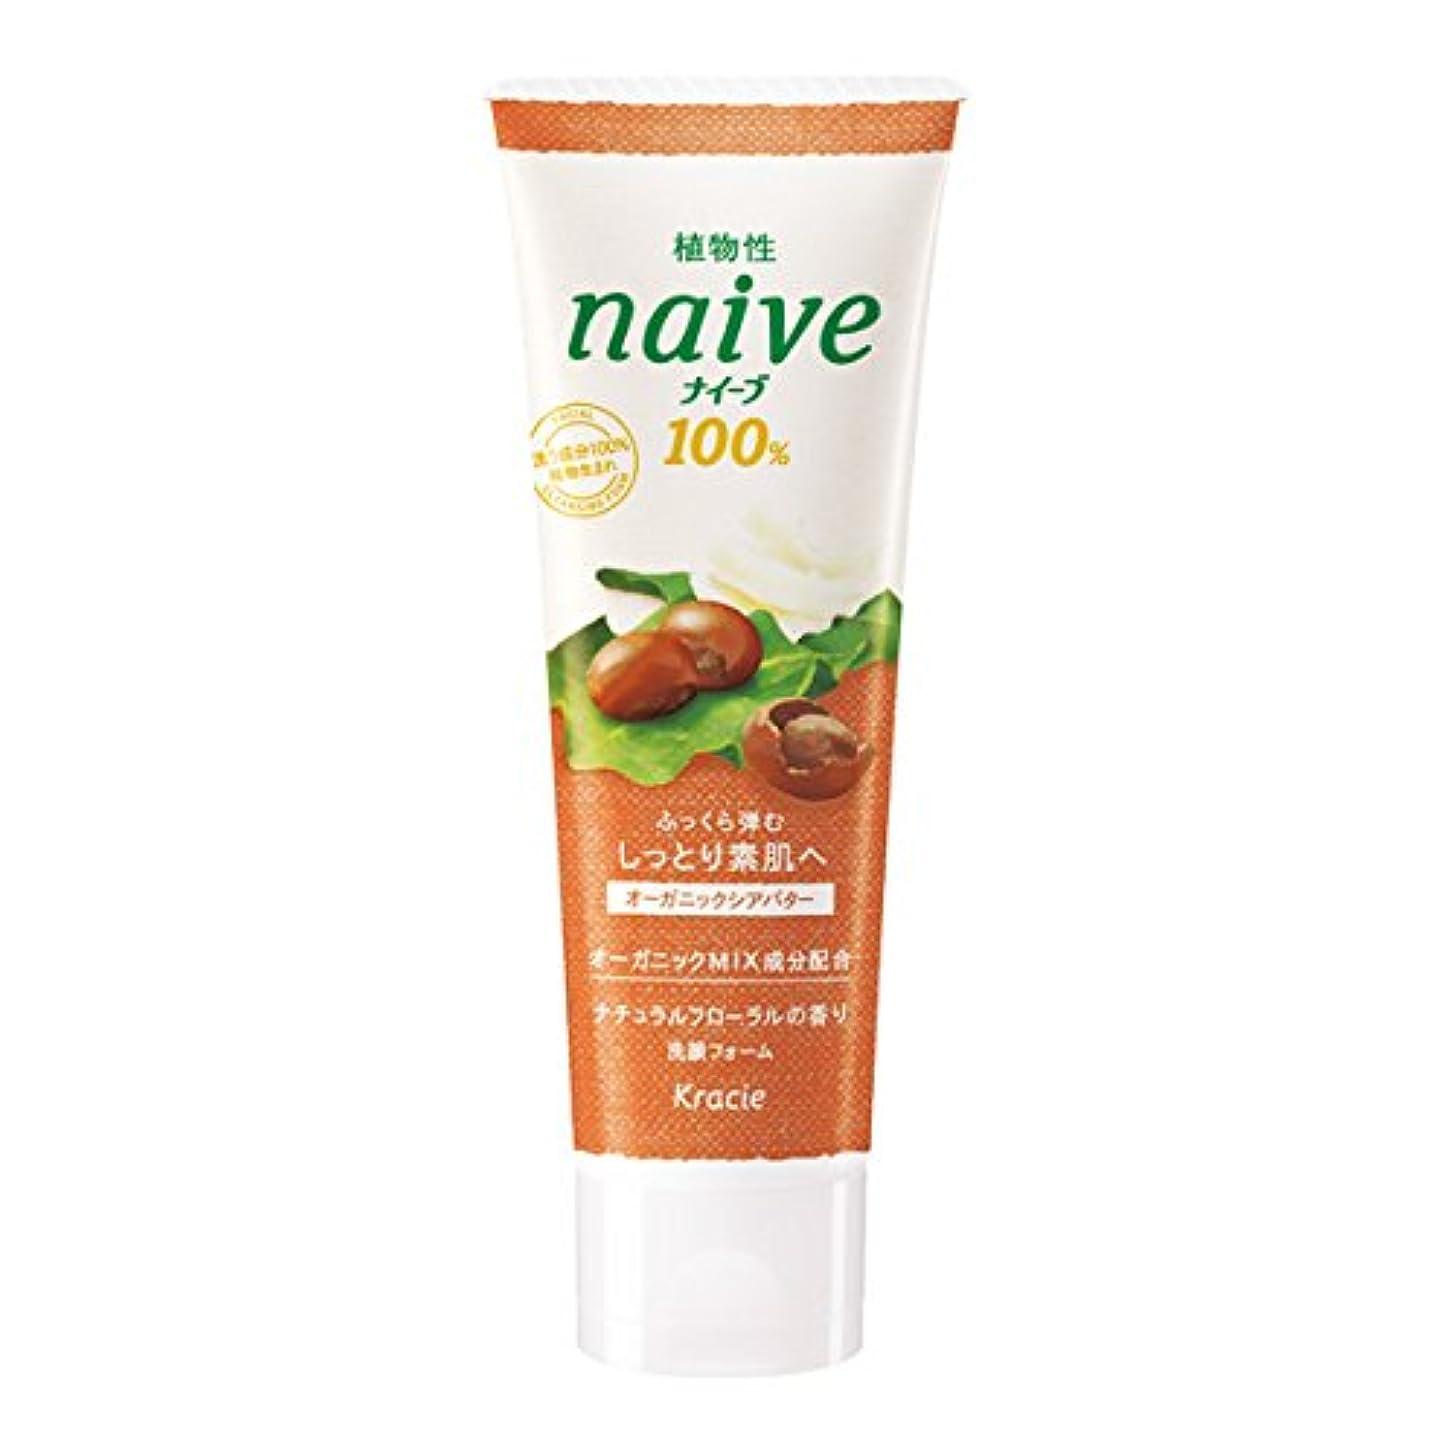 経由でエミュレートするまだナイーブ 洗顔フォーム シアバター配合 ナチュラルフローラルの香り 110g